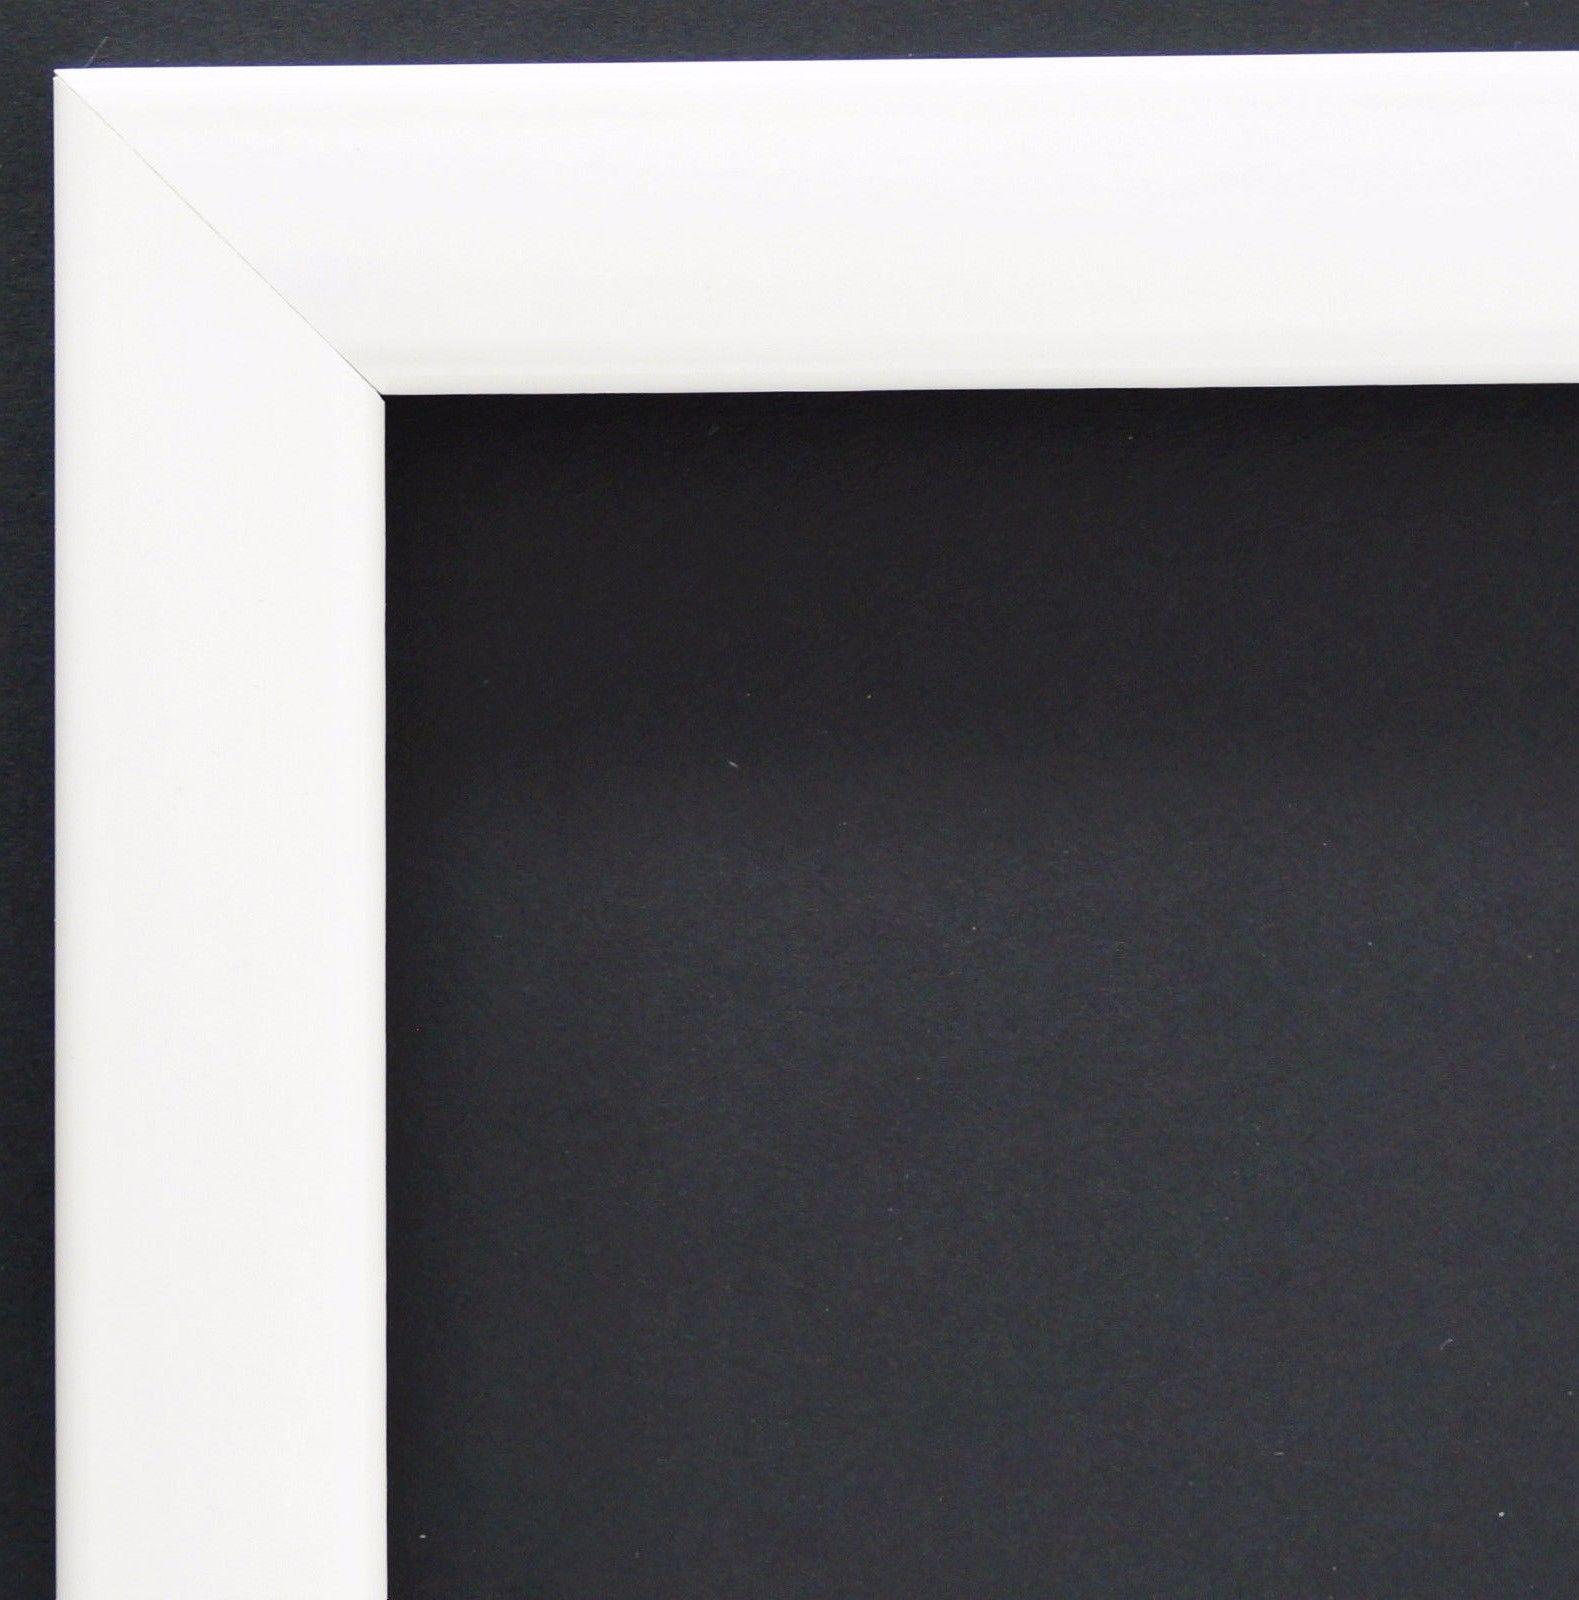 Bilderrahmen Weiss Lack Modern Rahmen Holz Art Hannover 2 4 Alle